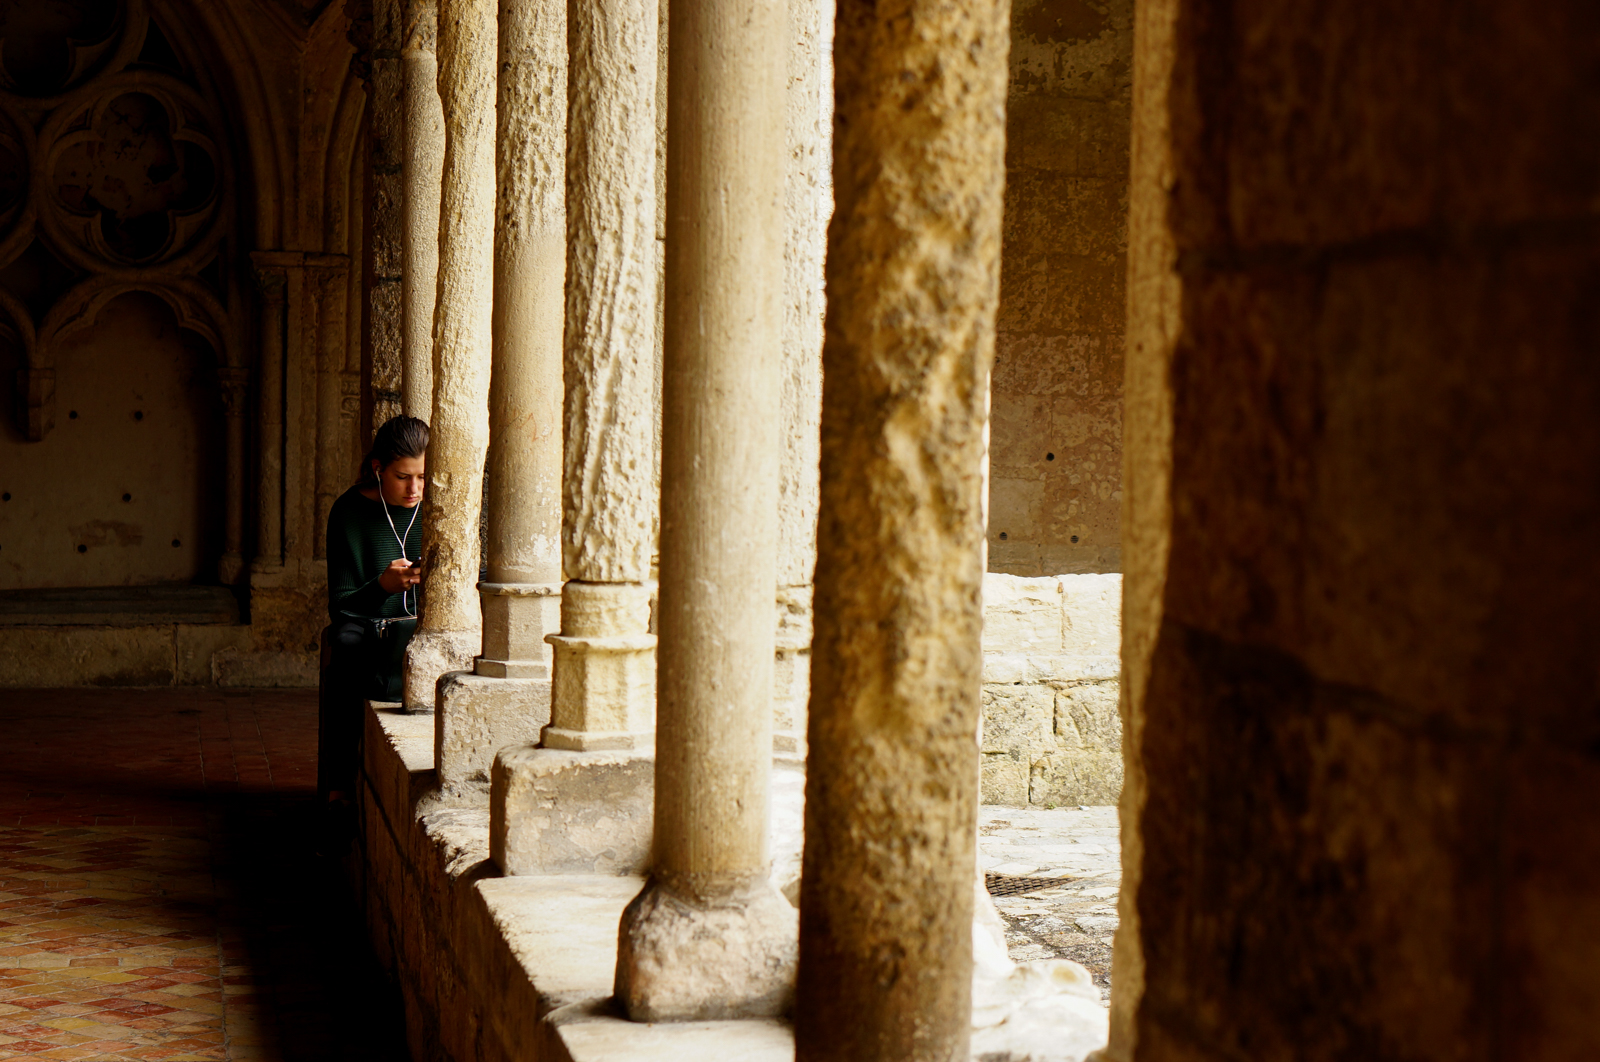 saint-émilion, saint-emilion, st-émilion, st-emilion, bordelais, tourisme bordelais, église collégiale, tourisme aquitaine, village médiéval